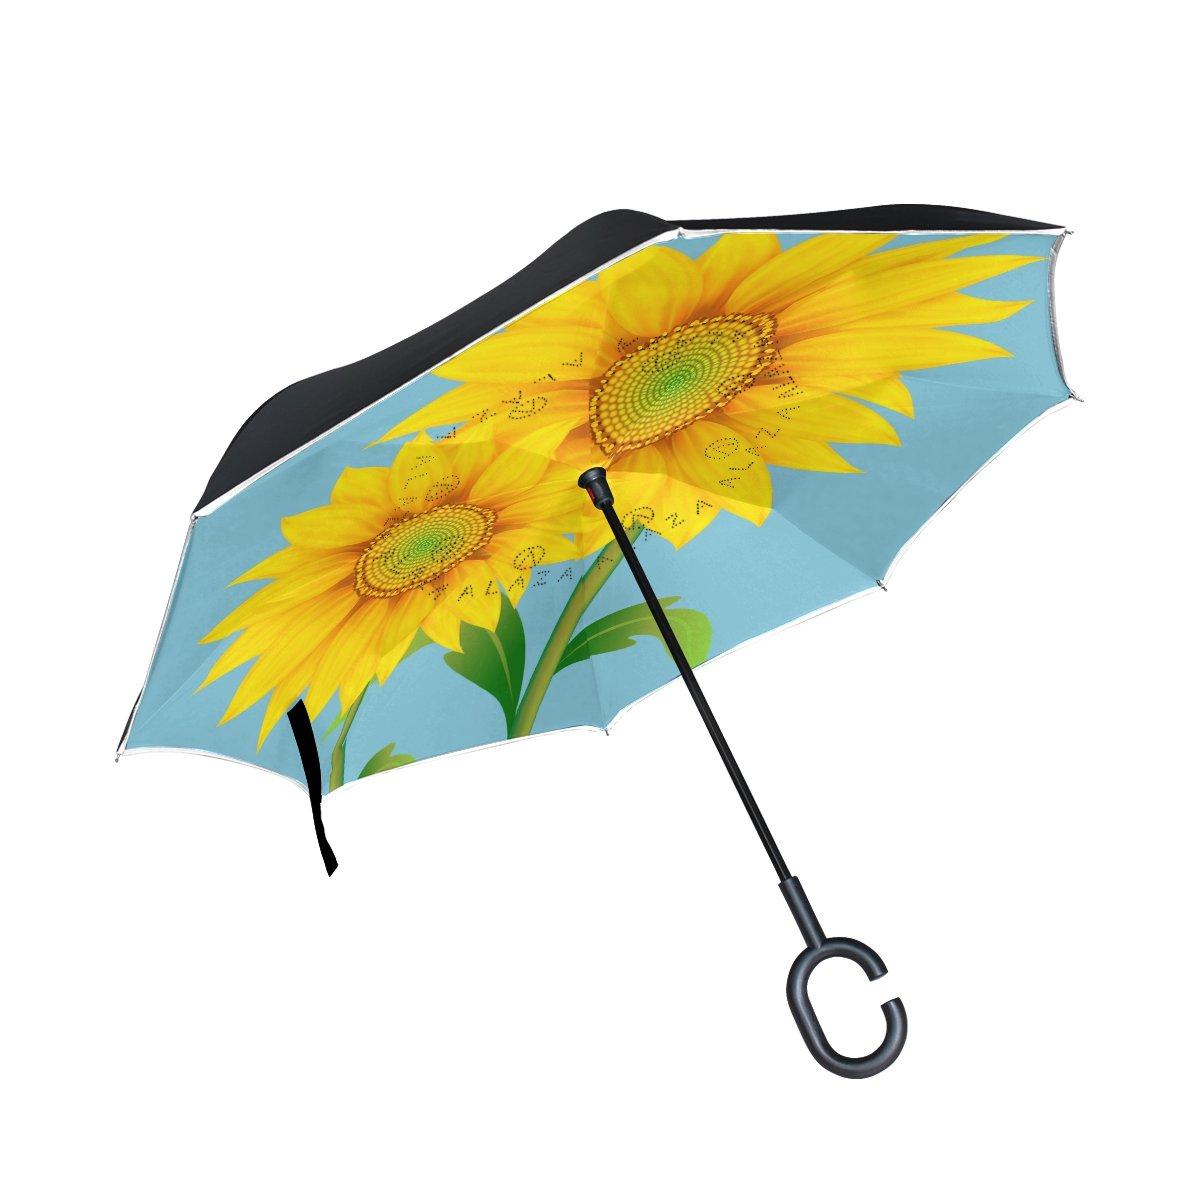 Double Layer Inverted傘雨太陽またはトラベル傘防風UV保護Big Straight傘軽量ポータブルアウトドアゴルフ傘C型ハンドル内部2つひまわり B07BHDWZ33